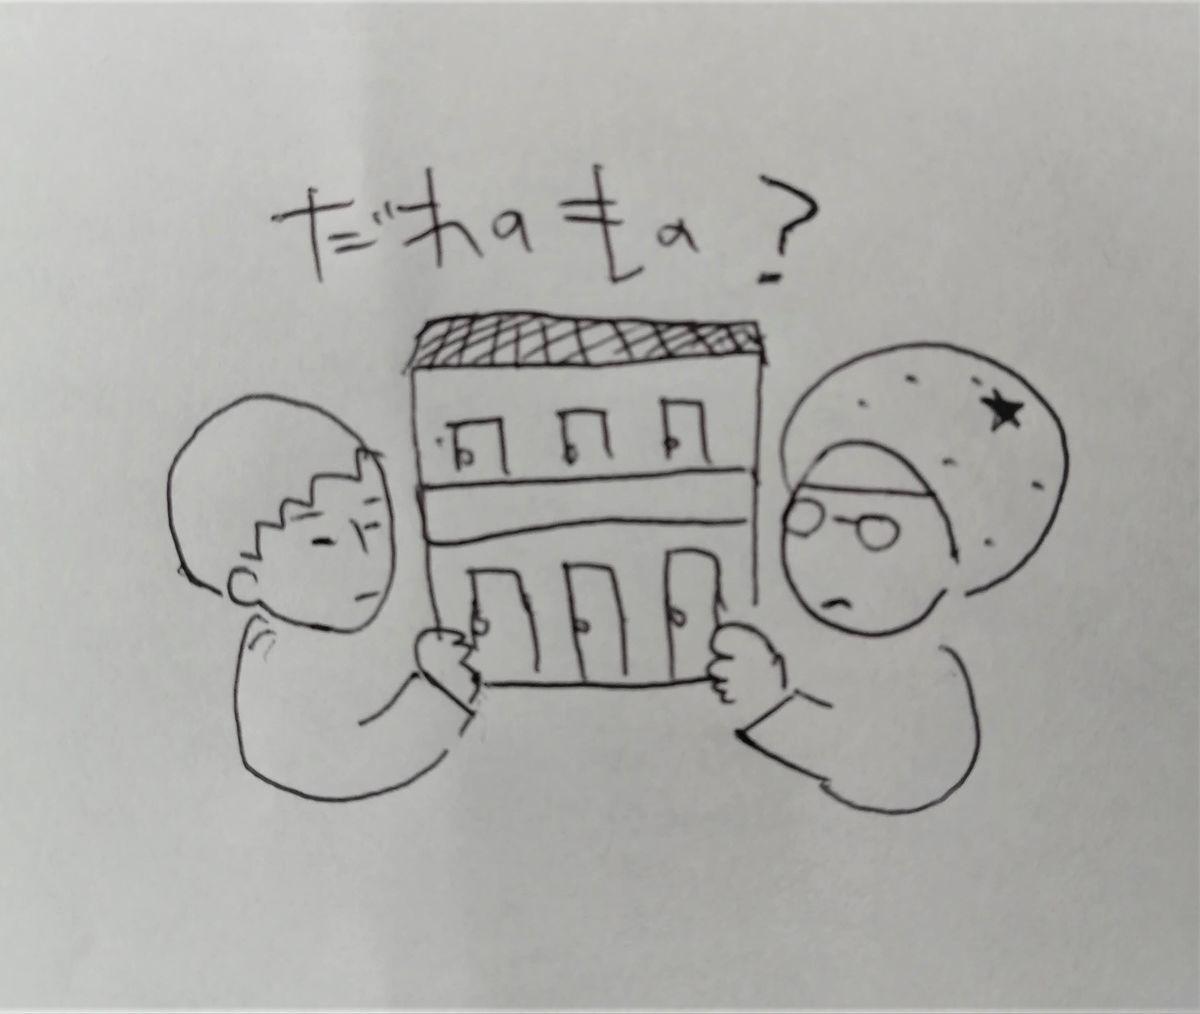 f:id:taruosiru:20200627041653j:plain